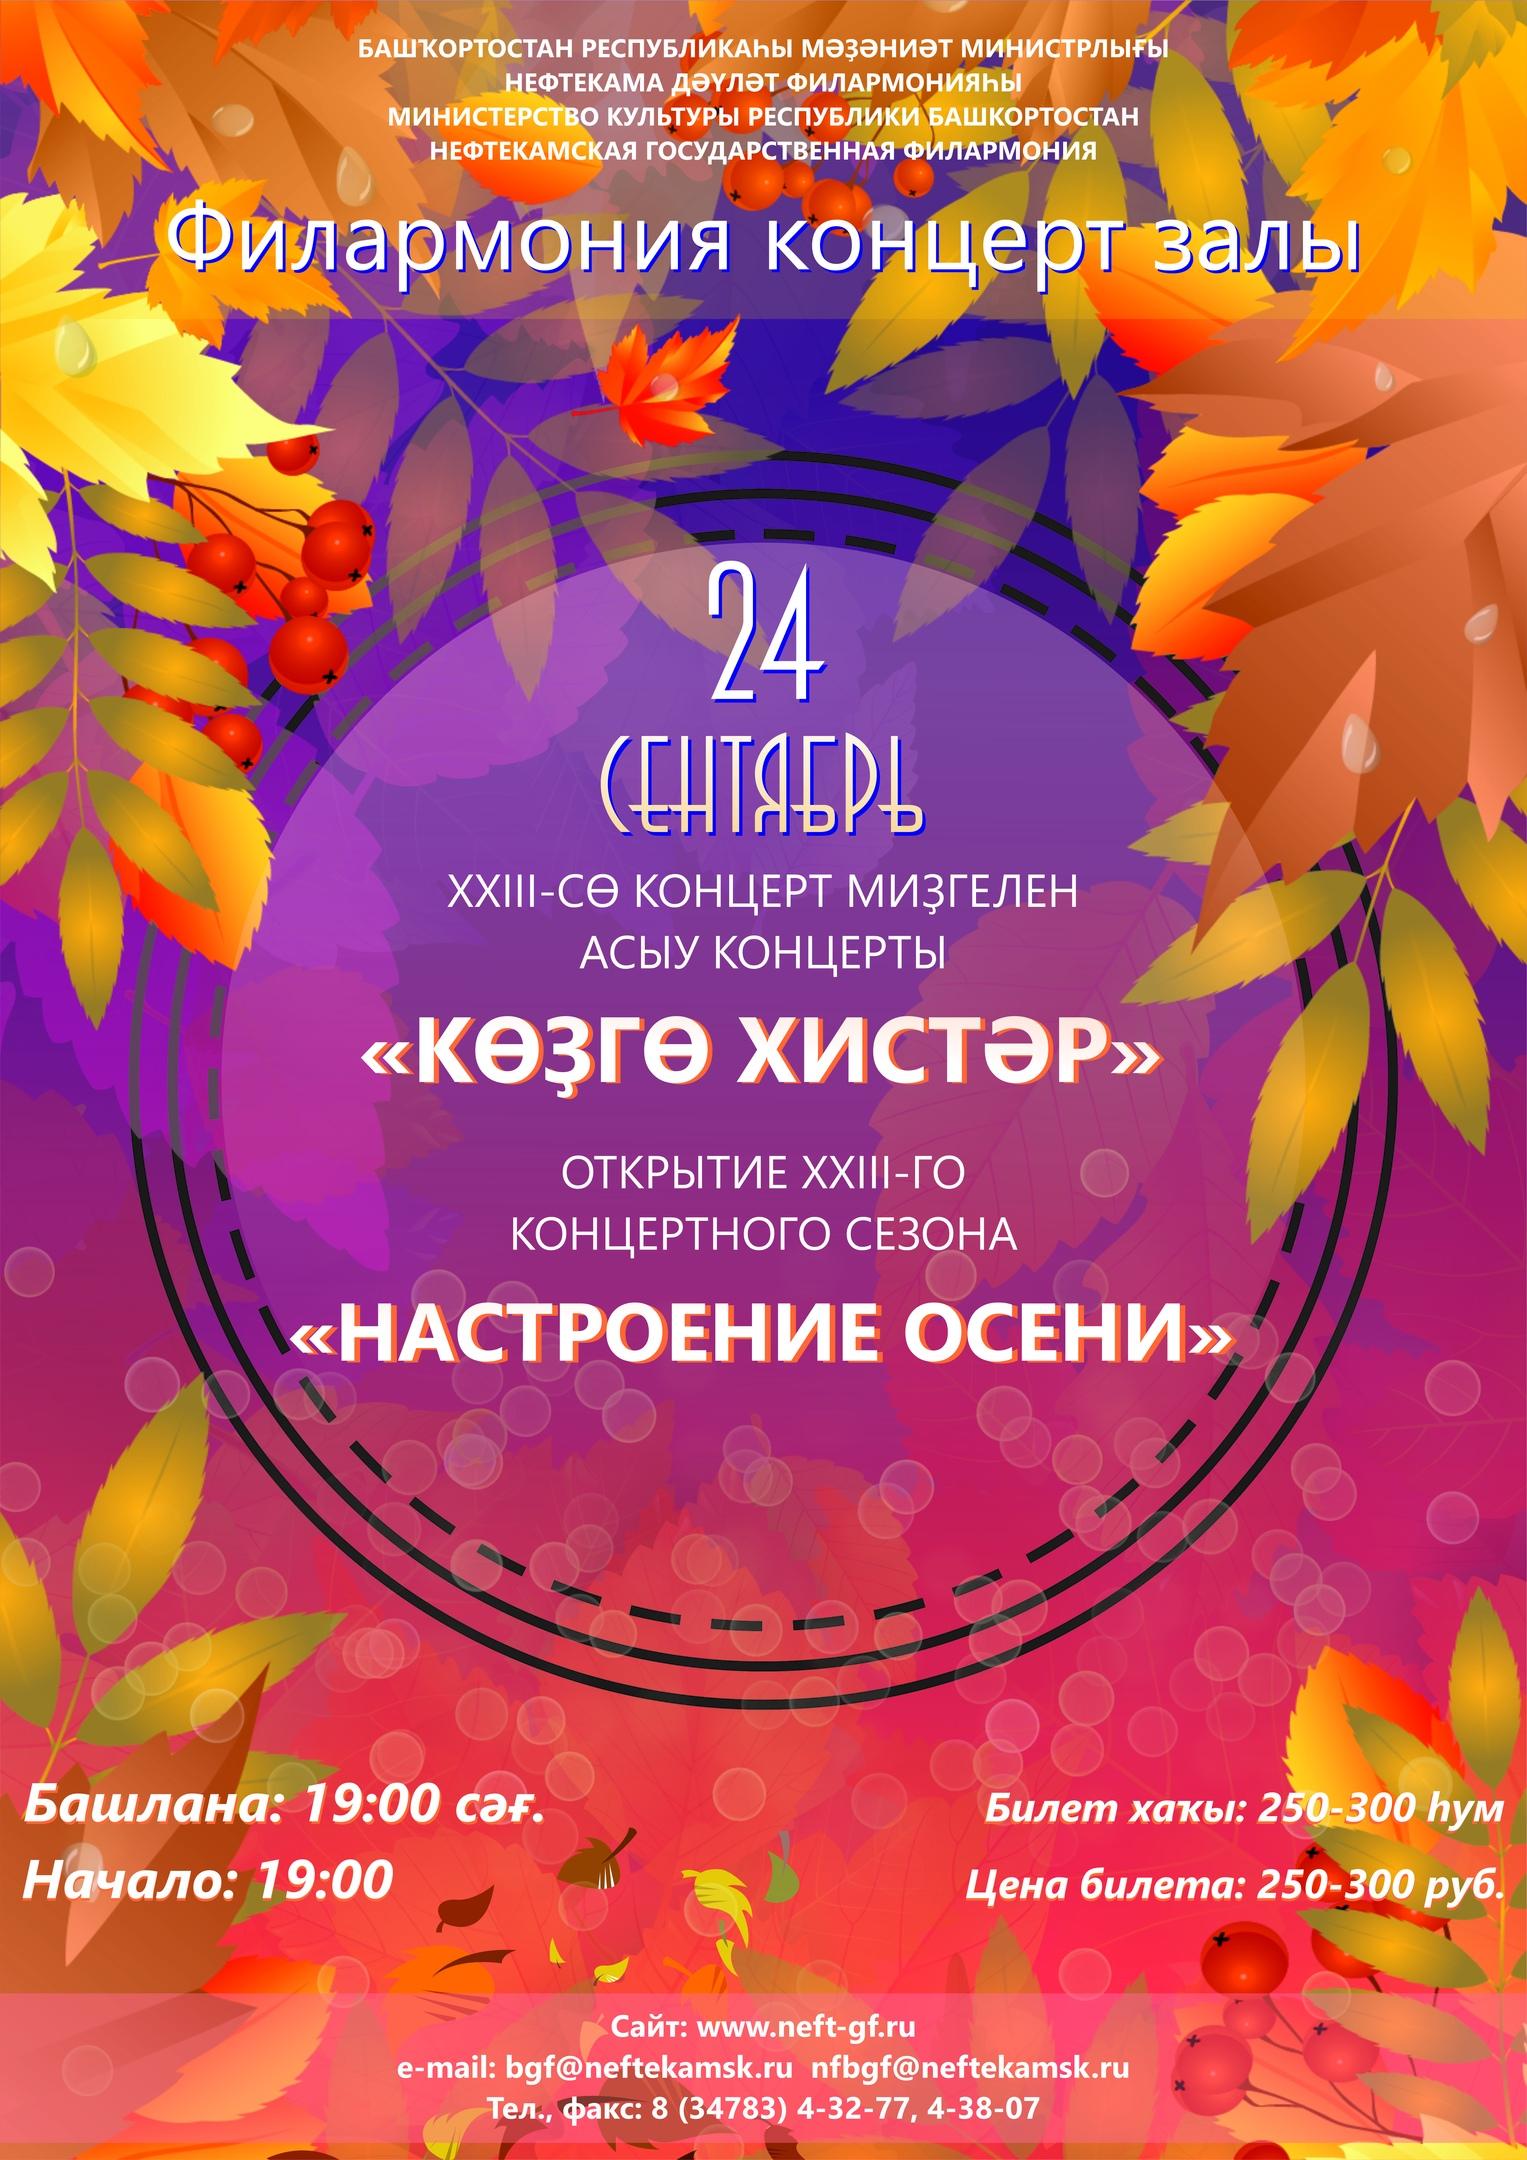 Открытие XXIII-го концертного сезона